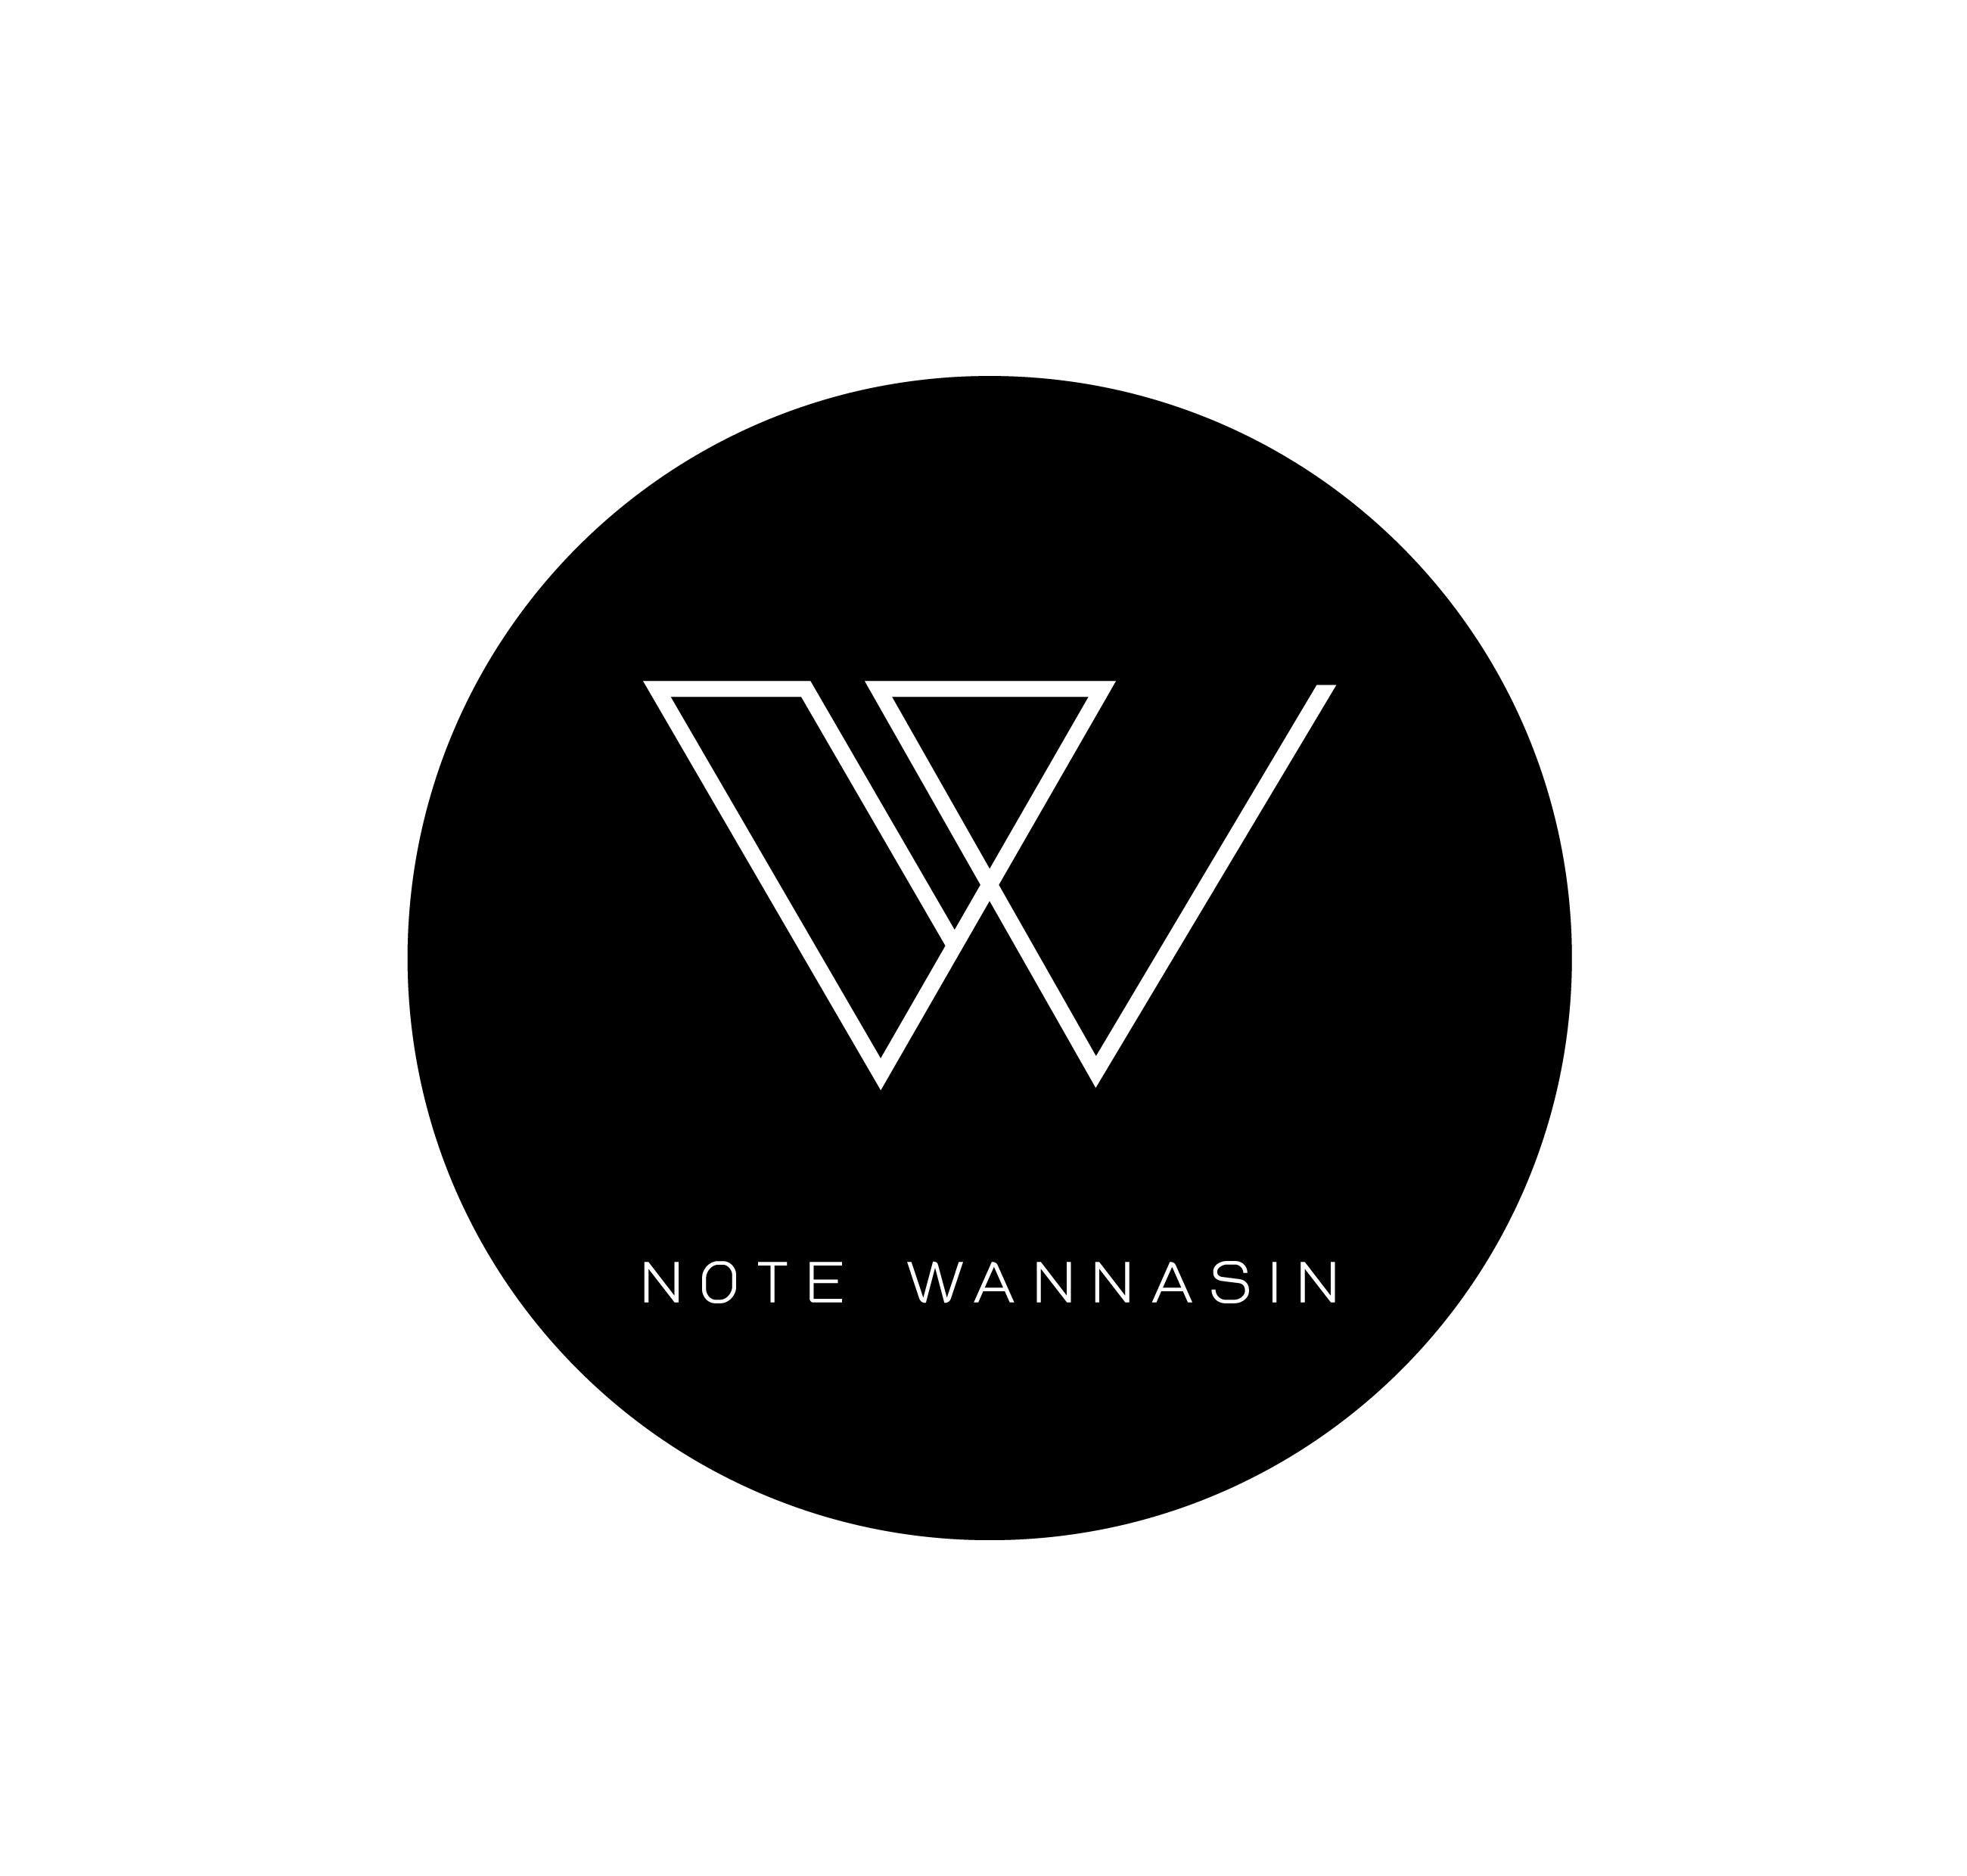 Note Wannasin